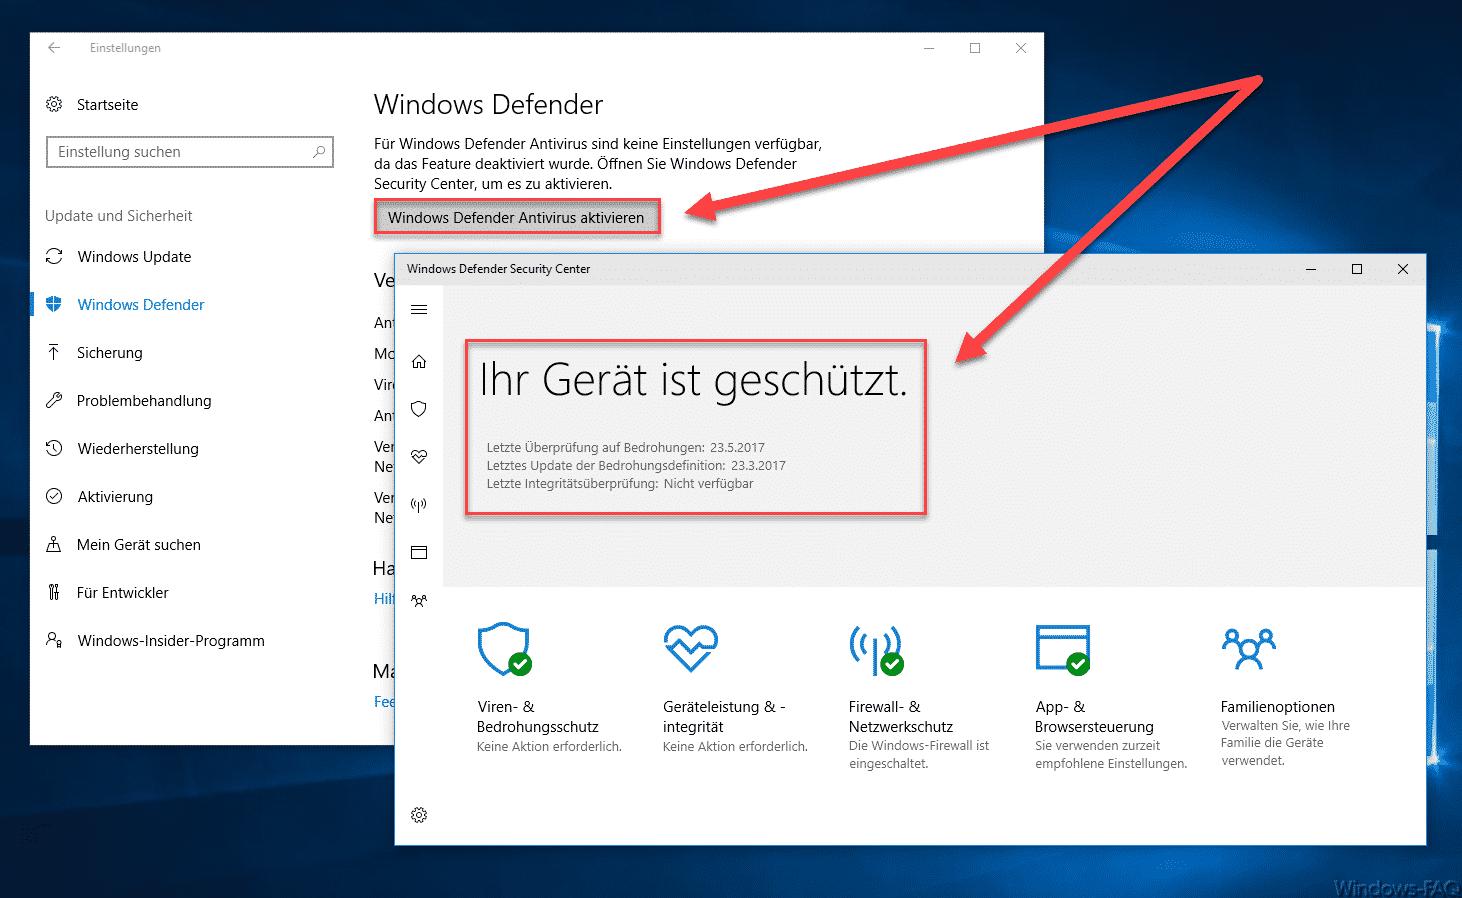 Windows-Defender-Antivirus-aktivieren-Ihr-Gerät-ist-geschützt